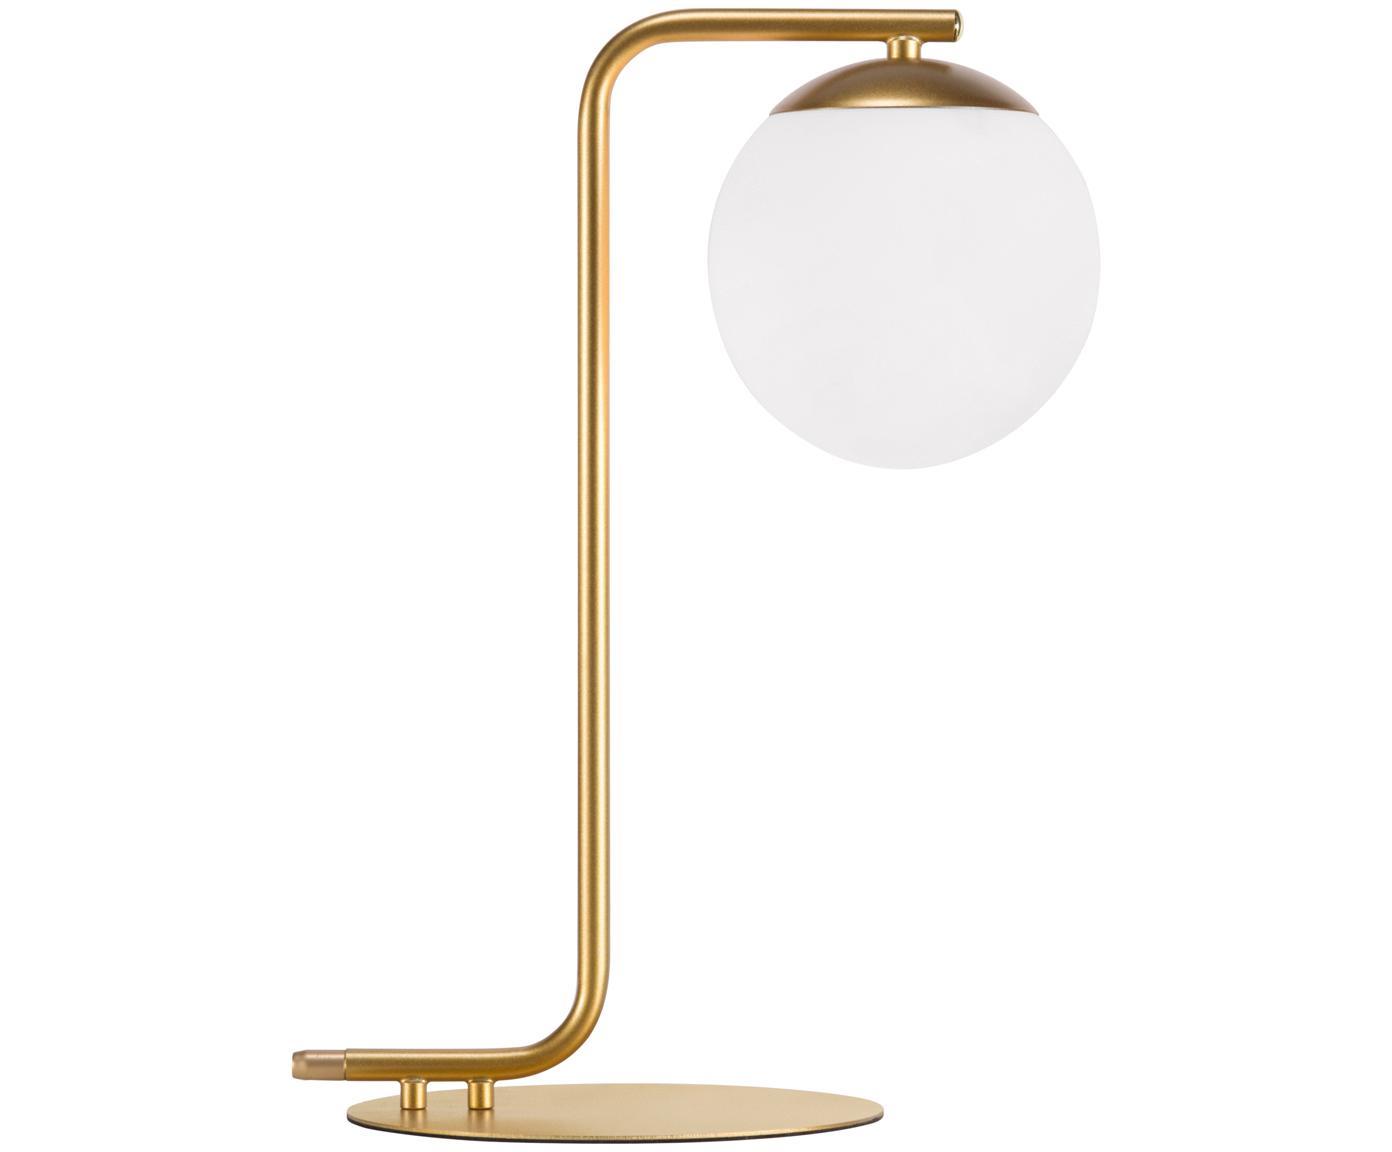 Tafellamp Grant van messing, Lampvoet: messing, Lampenkap: opaalglas, Messingkleurig, wit, 20 x 41 cm